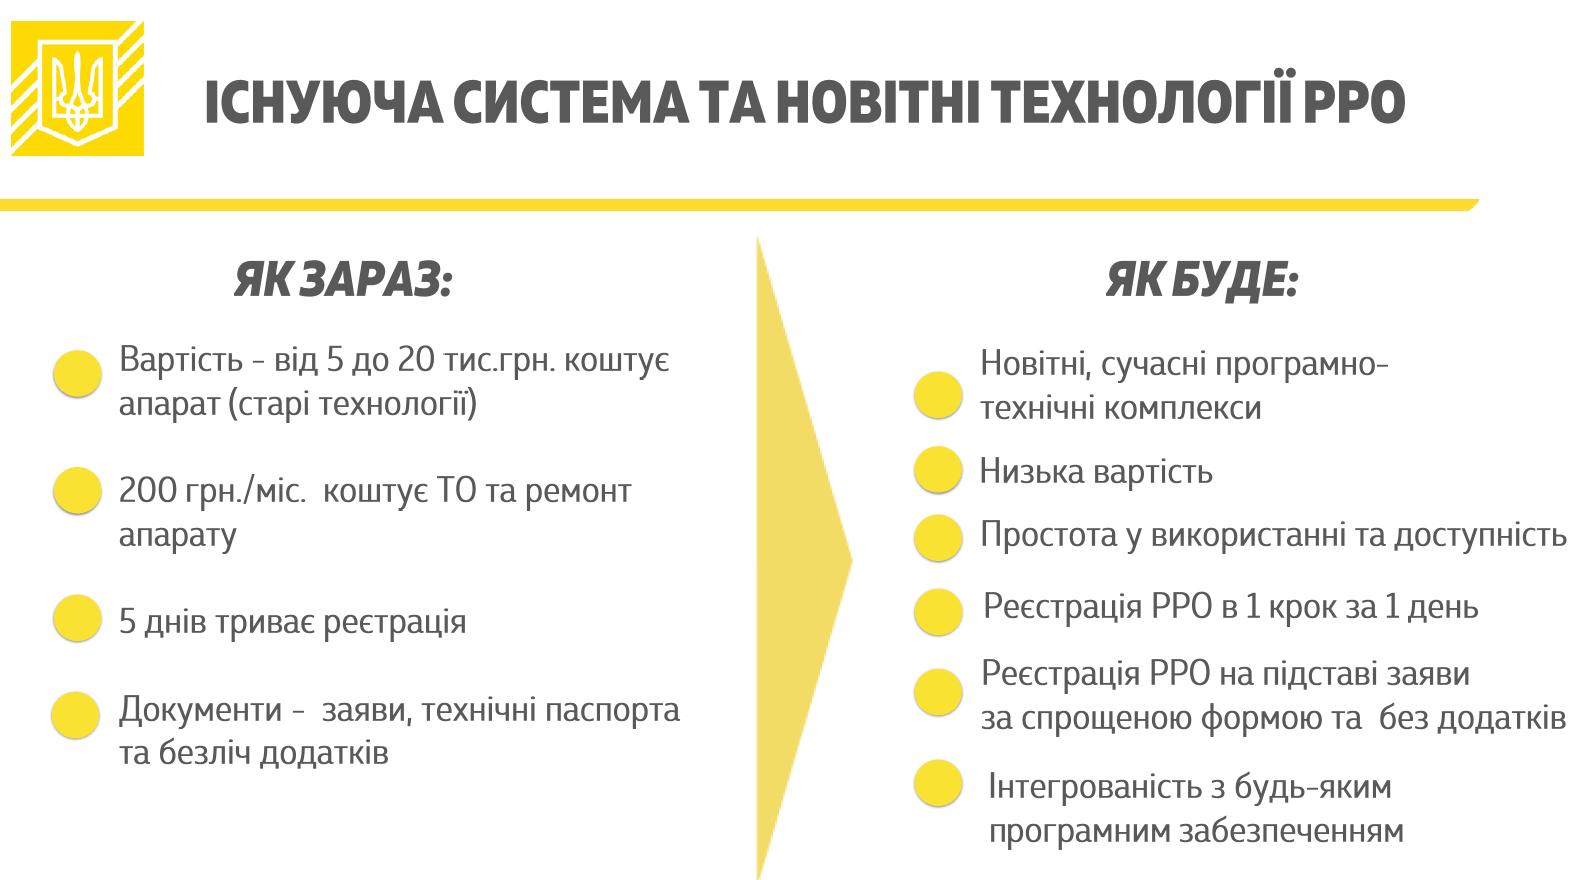 Картинки по запросу Уряд ухвалив рішення, які дають старт інноваційним підходам у сфері РРО